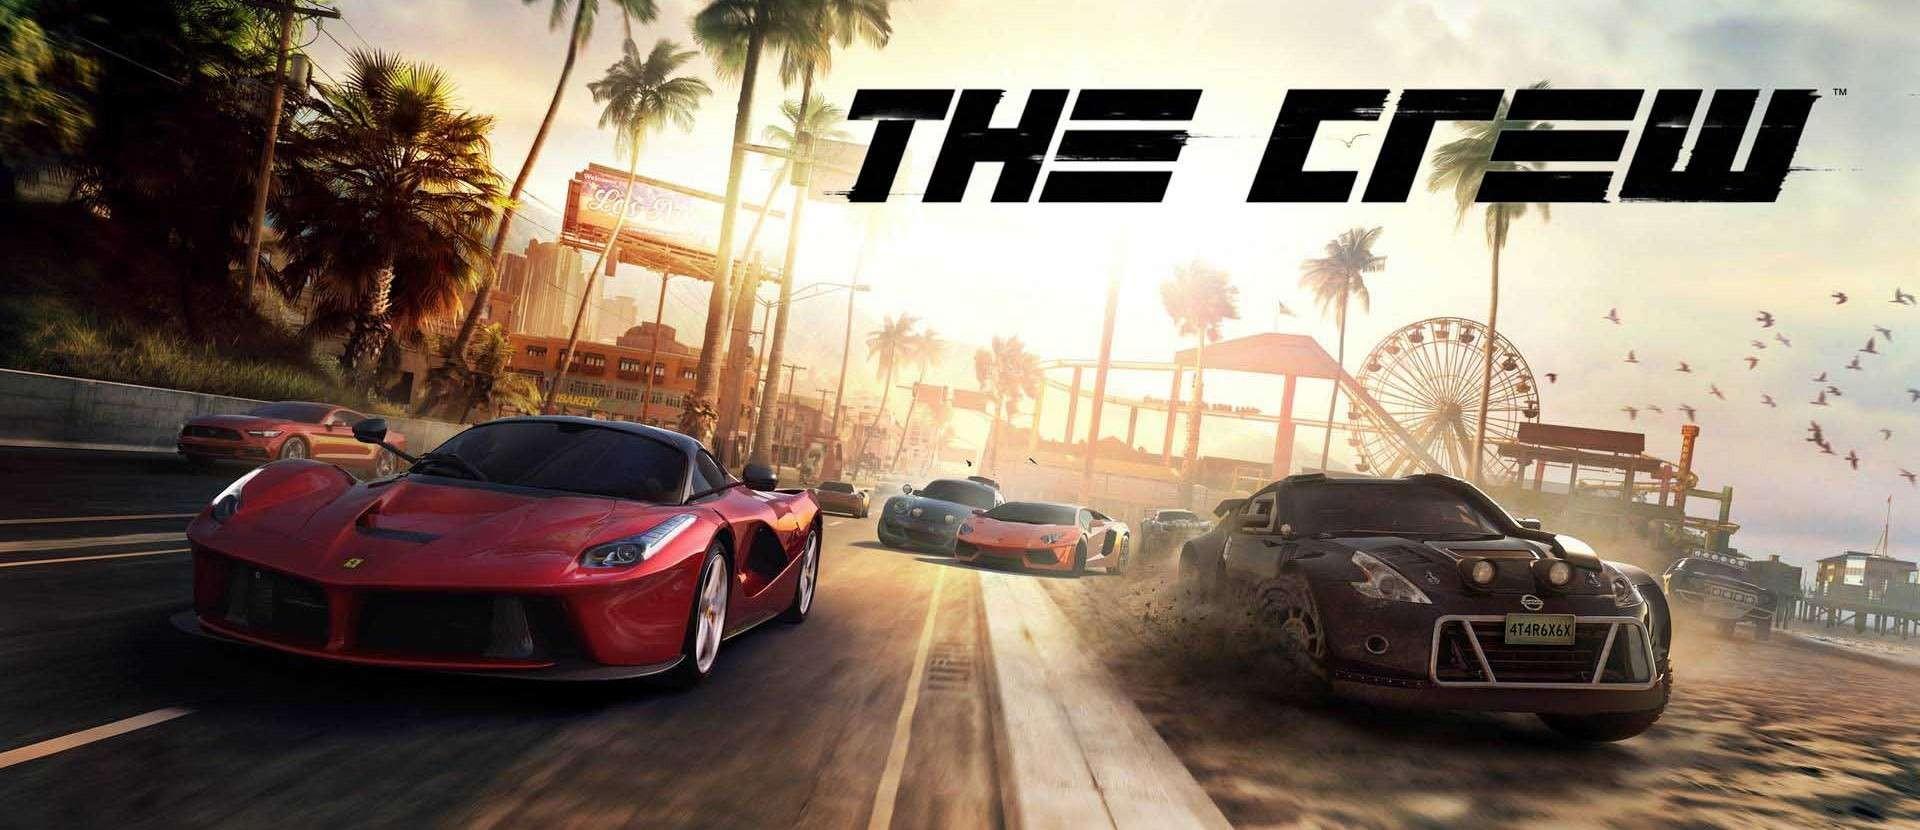 The Crew - Đánh Giá Game